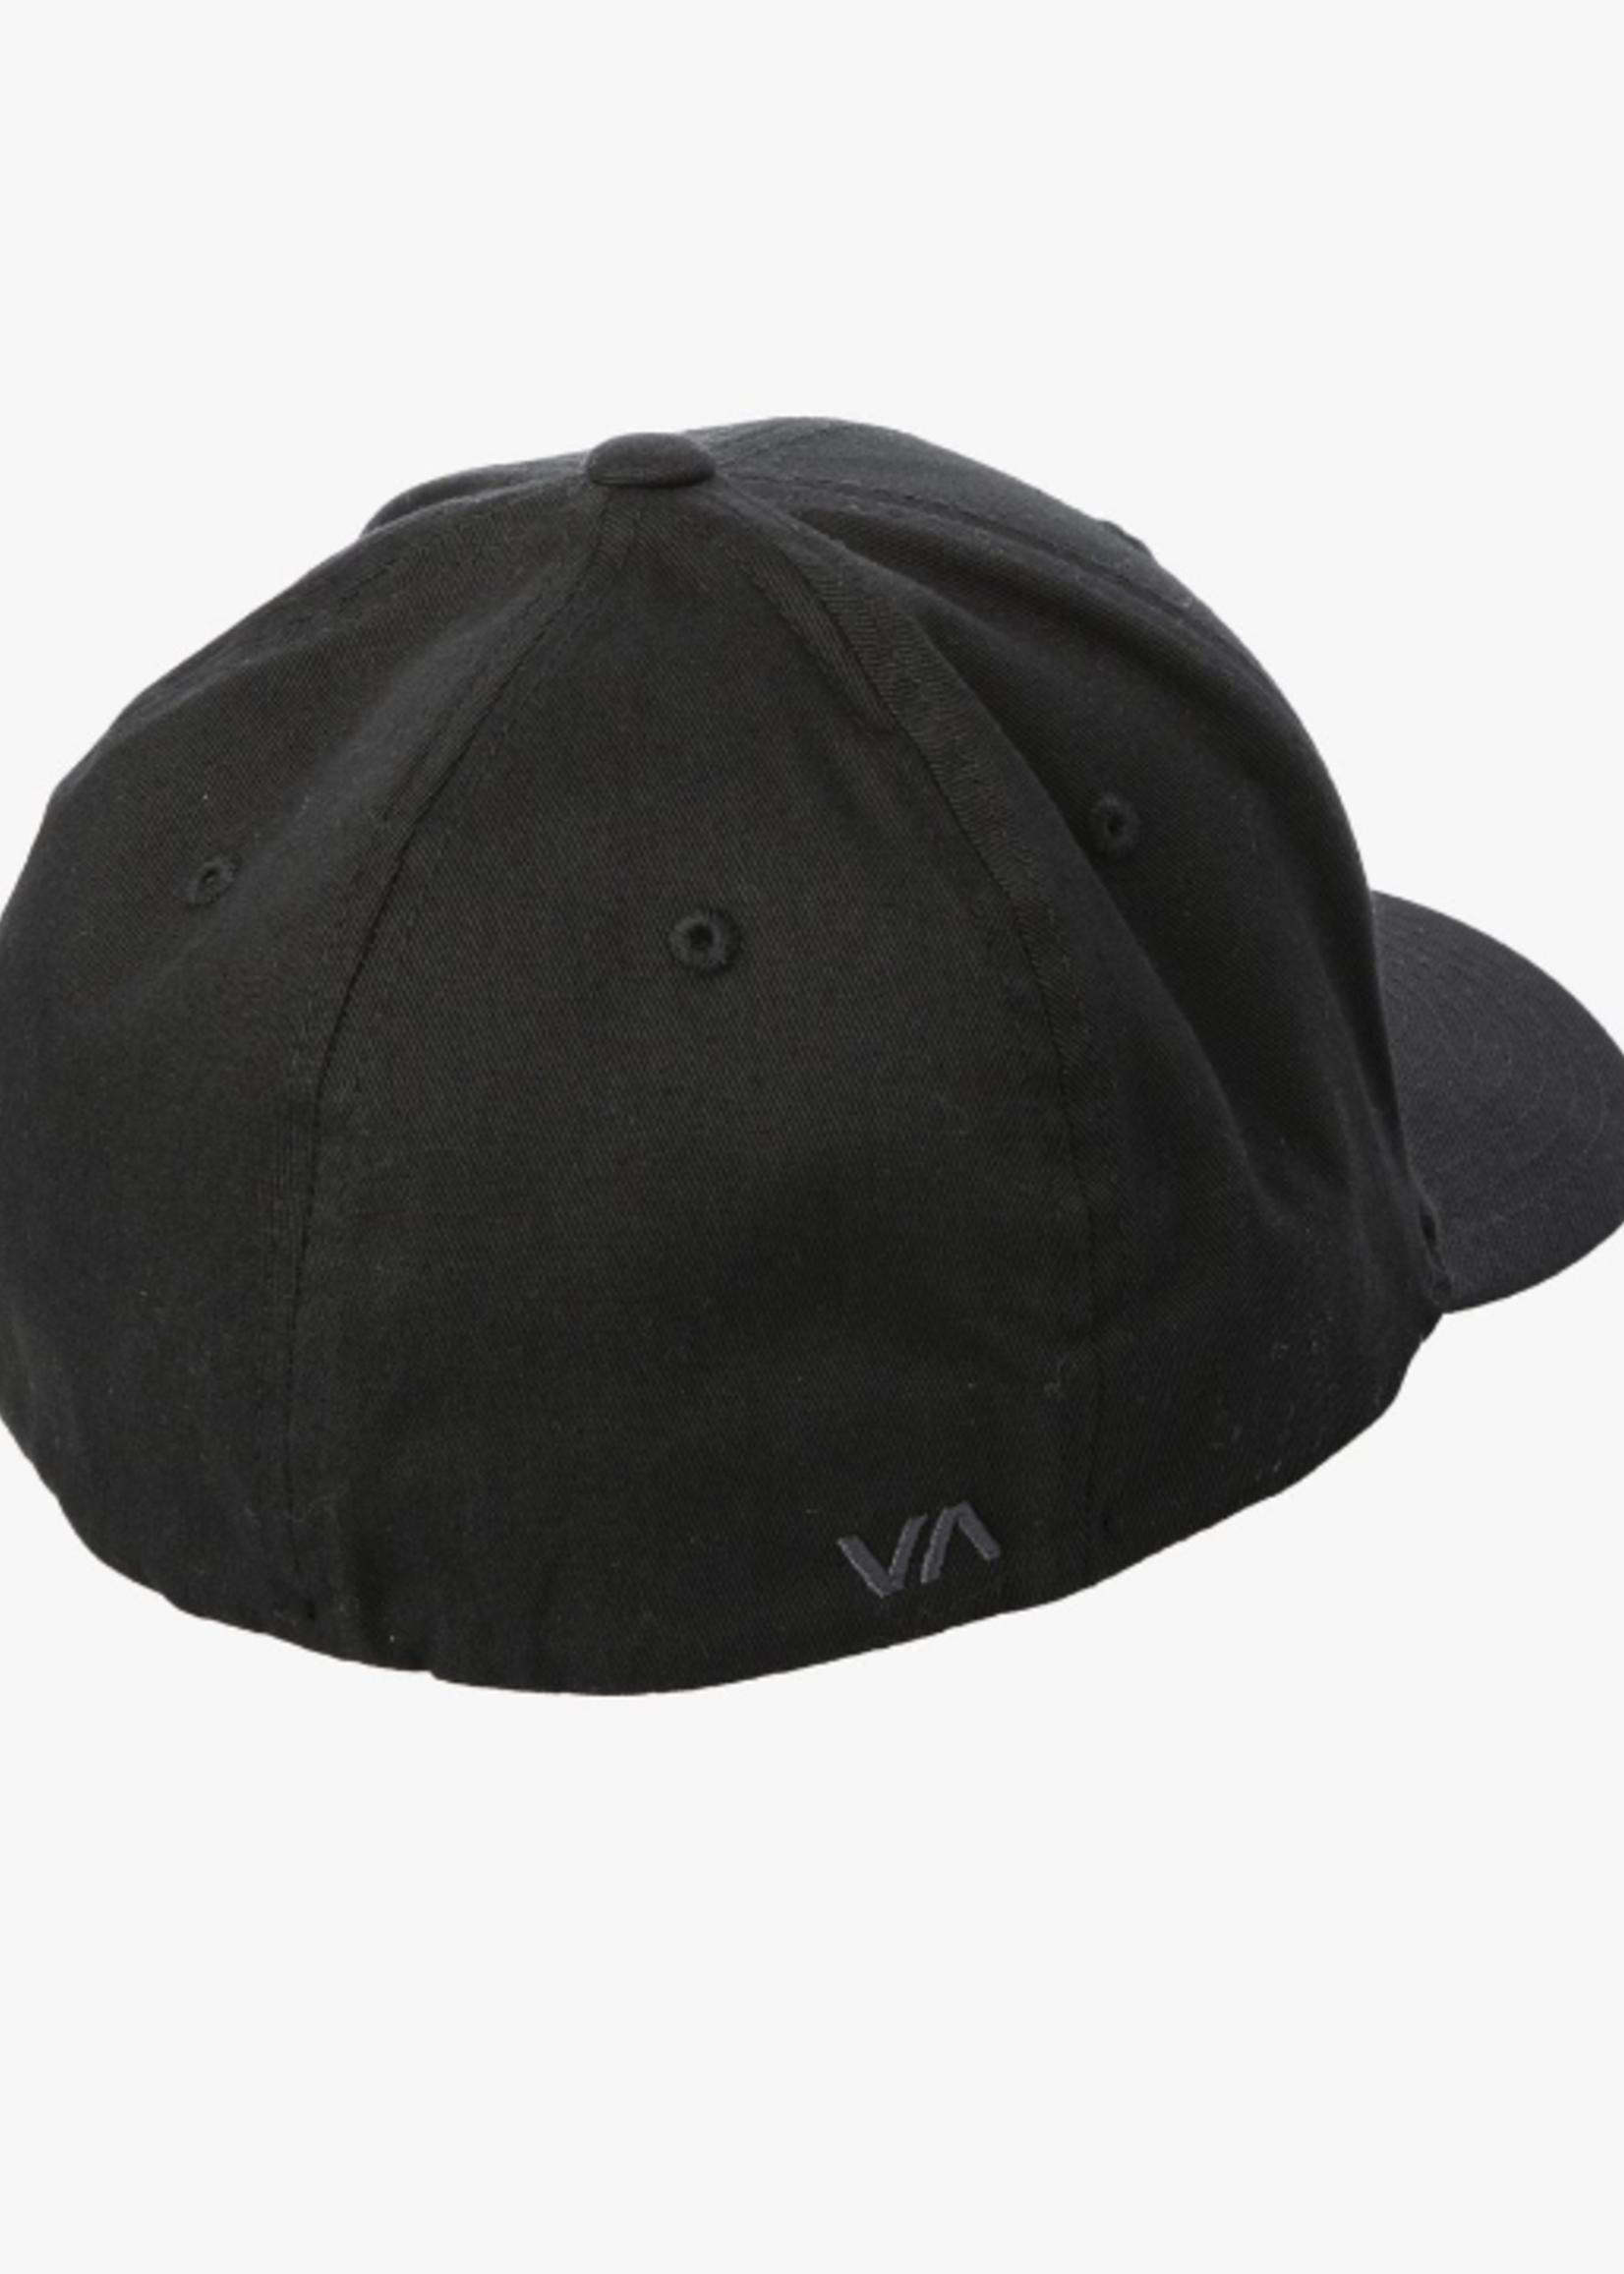 RVCA RVCA Flex Fit - Black